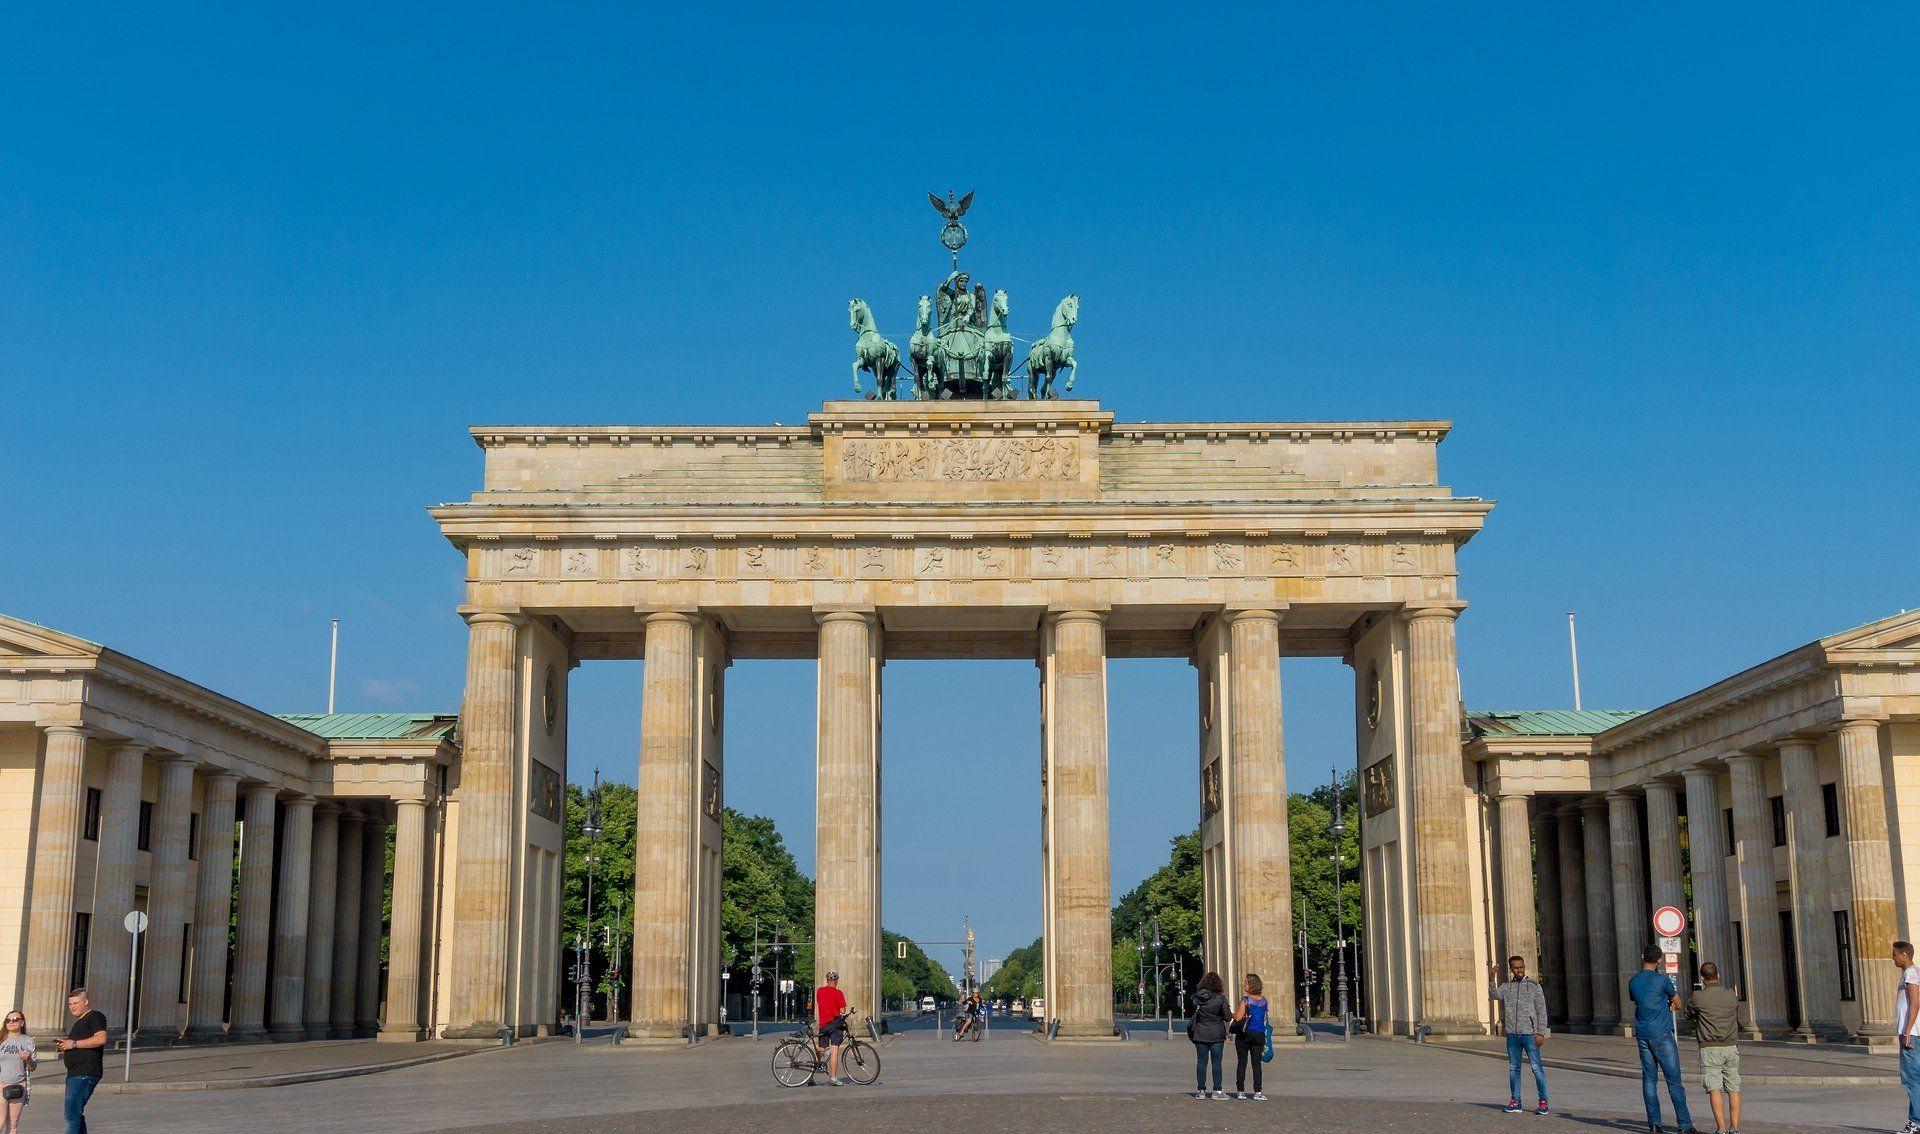 architecture 3128171 1920 1 - Local Guide Berlin